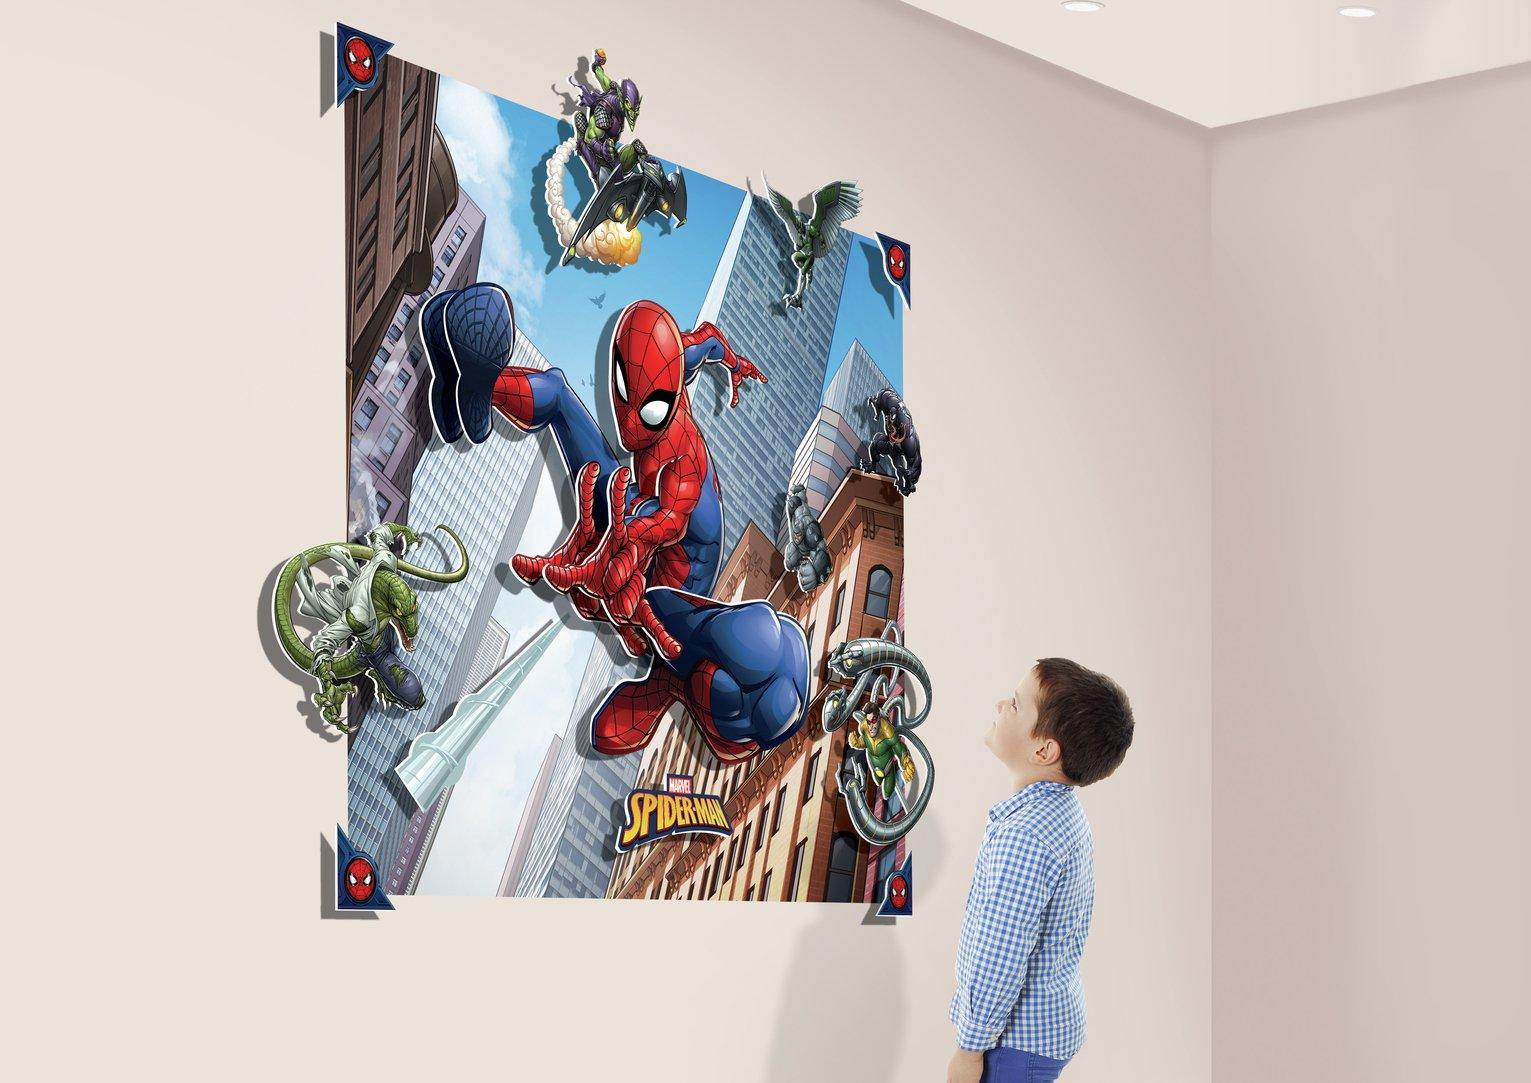 Walltastic 3D Spider-Man Wall Mural